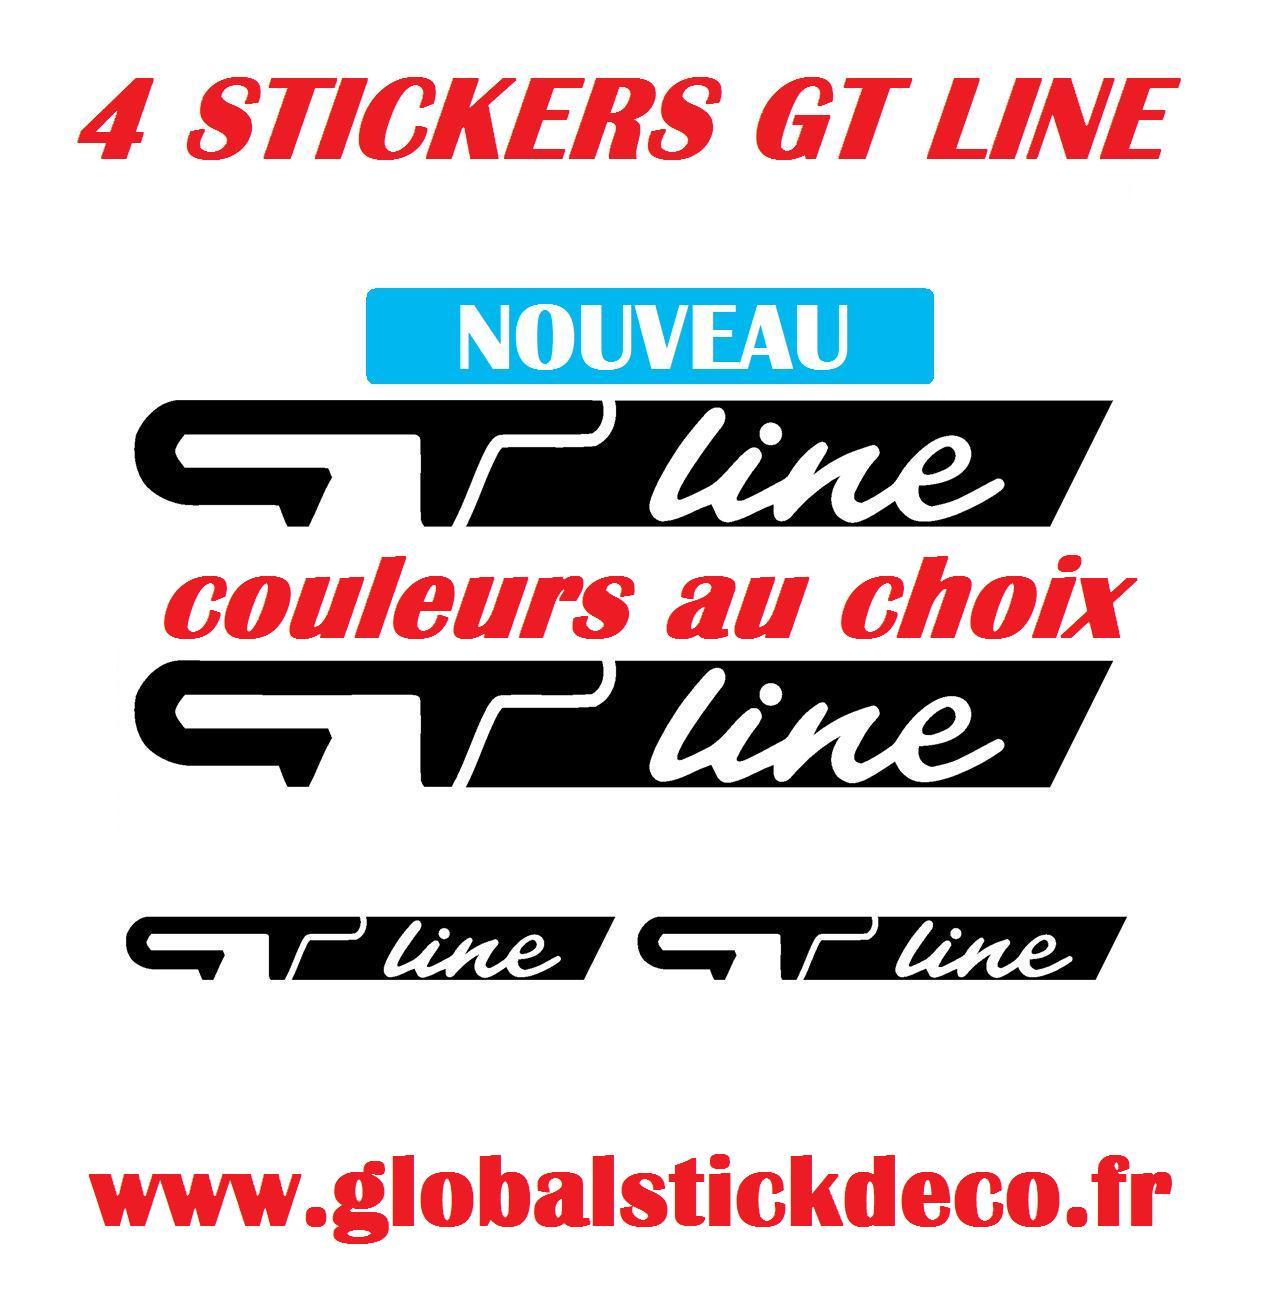 Gt line 1